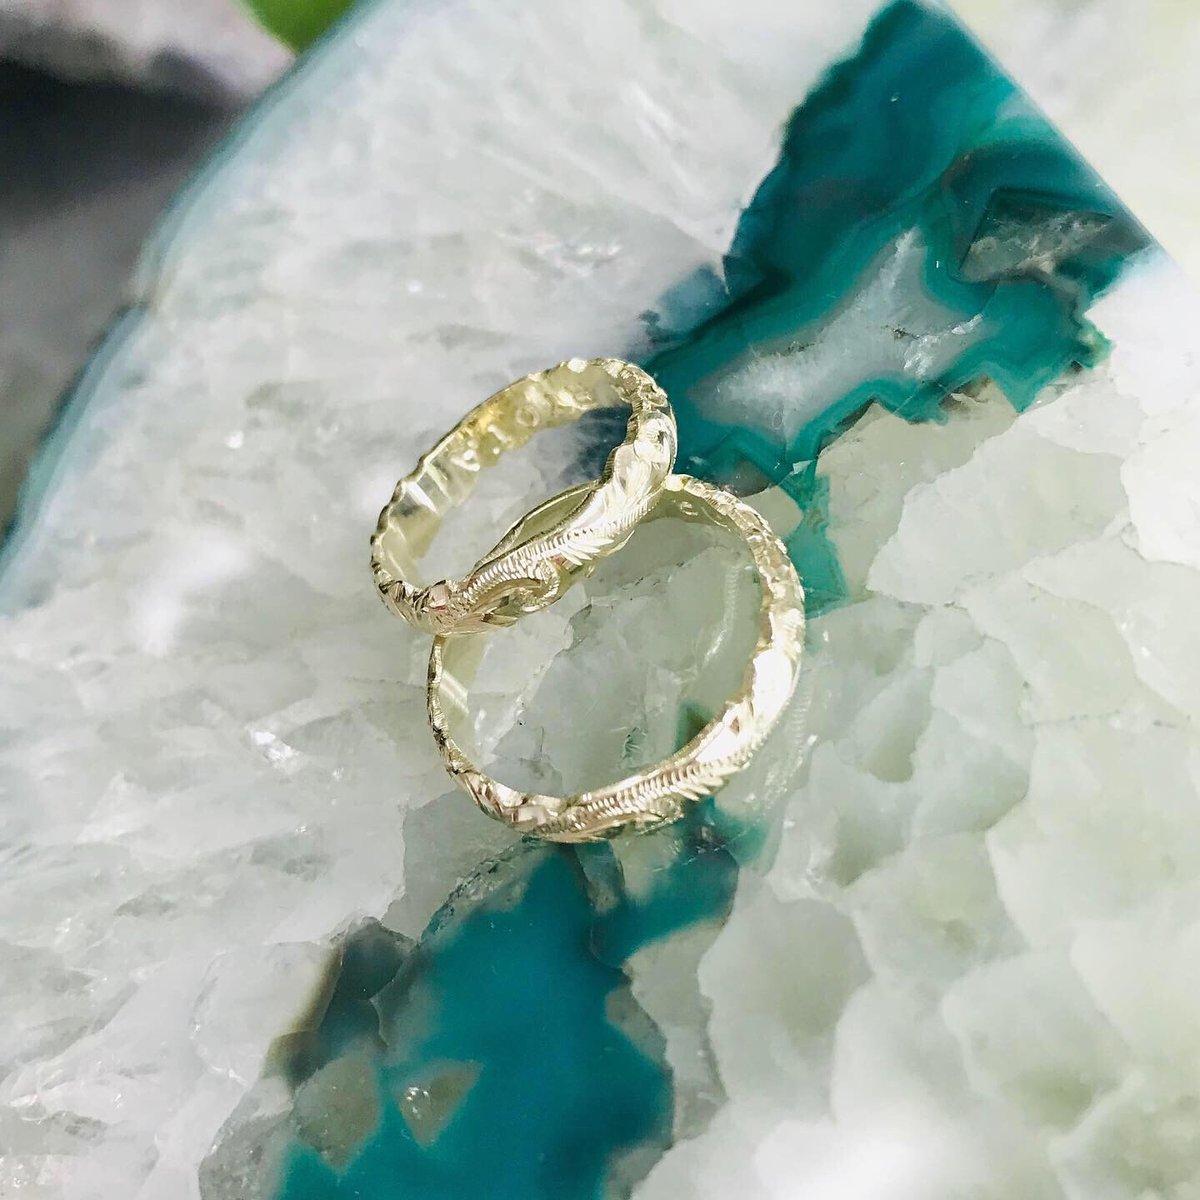 Image of Green gold hawaiian ring